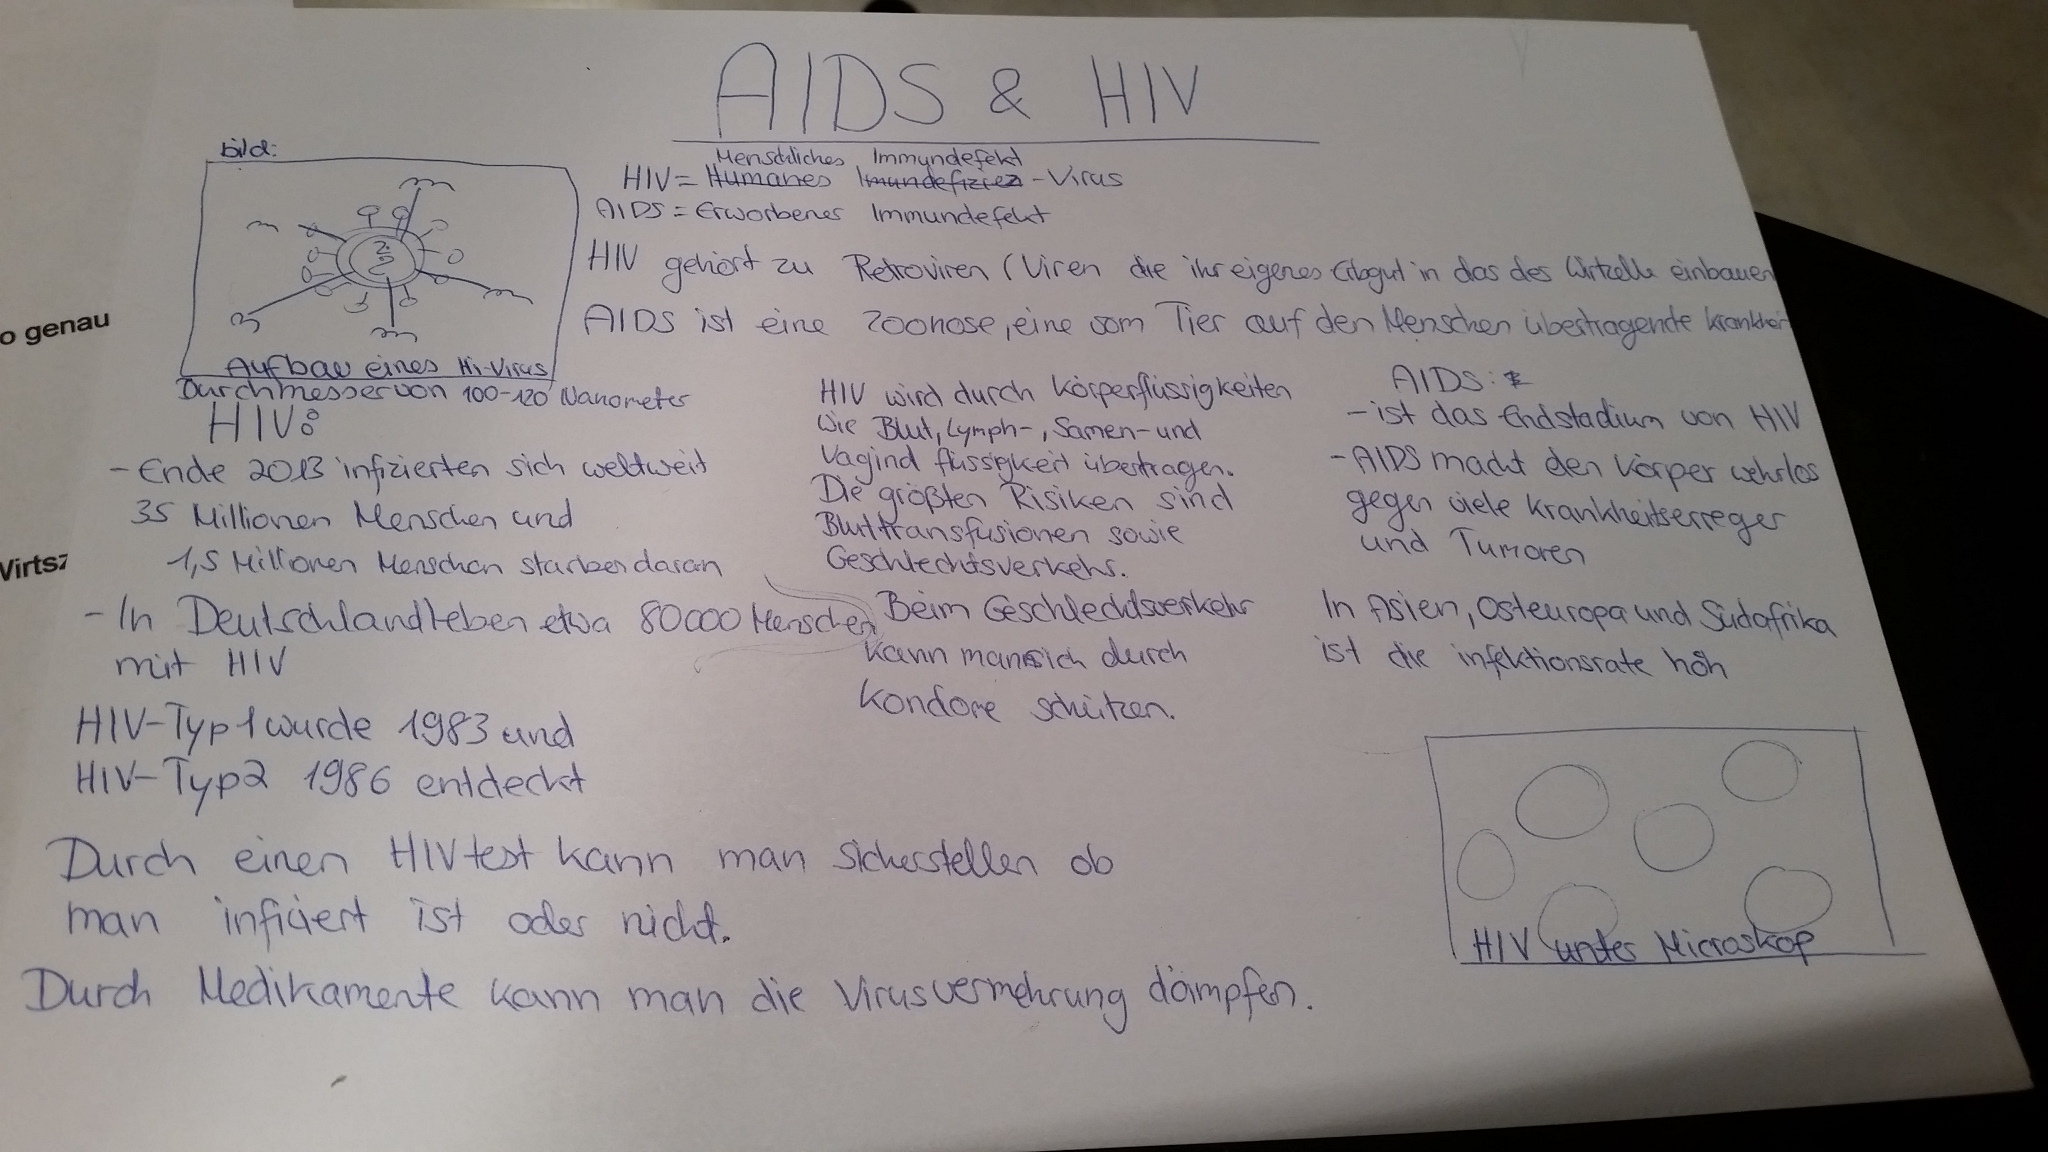 wie soll ich am besten ein plakat gestalten zum thema aids und hiv. Black Bedroom Furniture Sets. Home Design Ideas